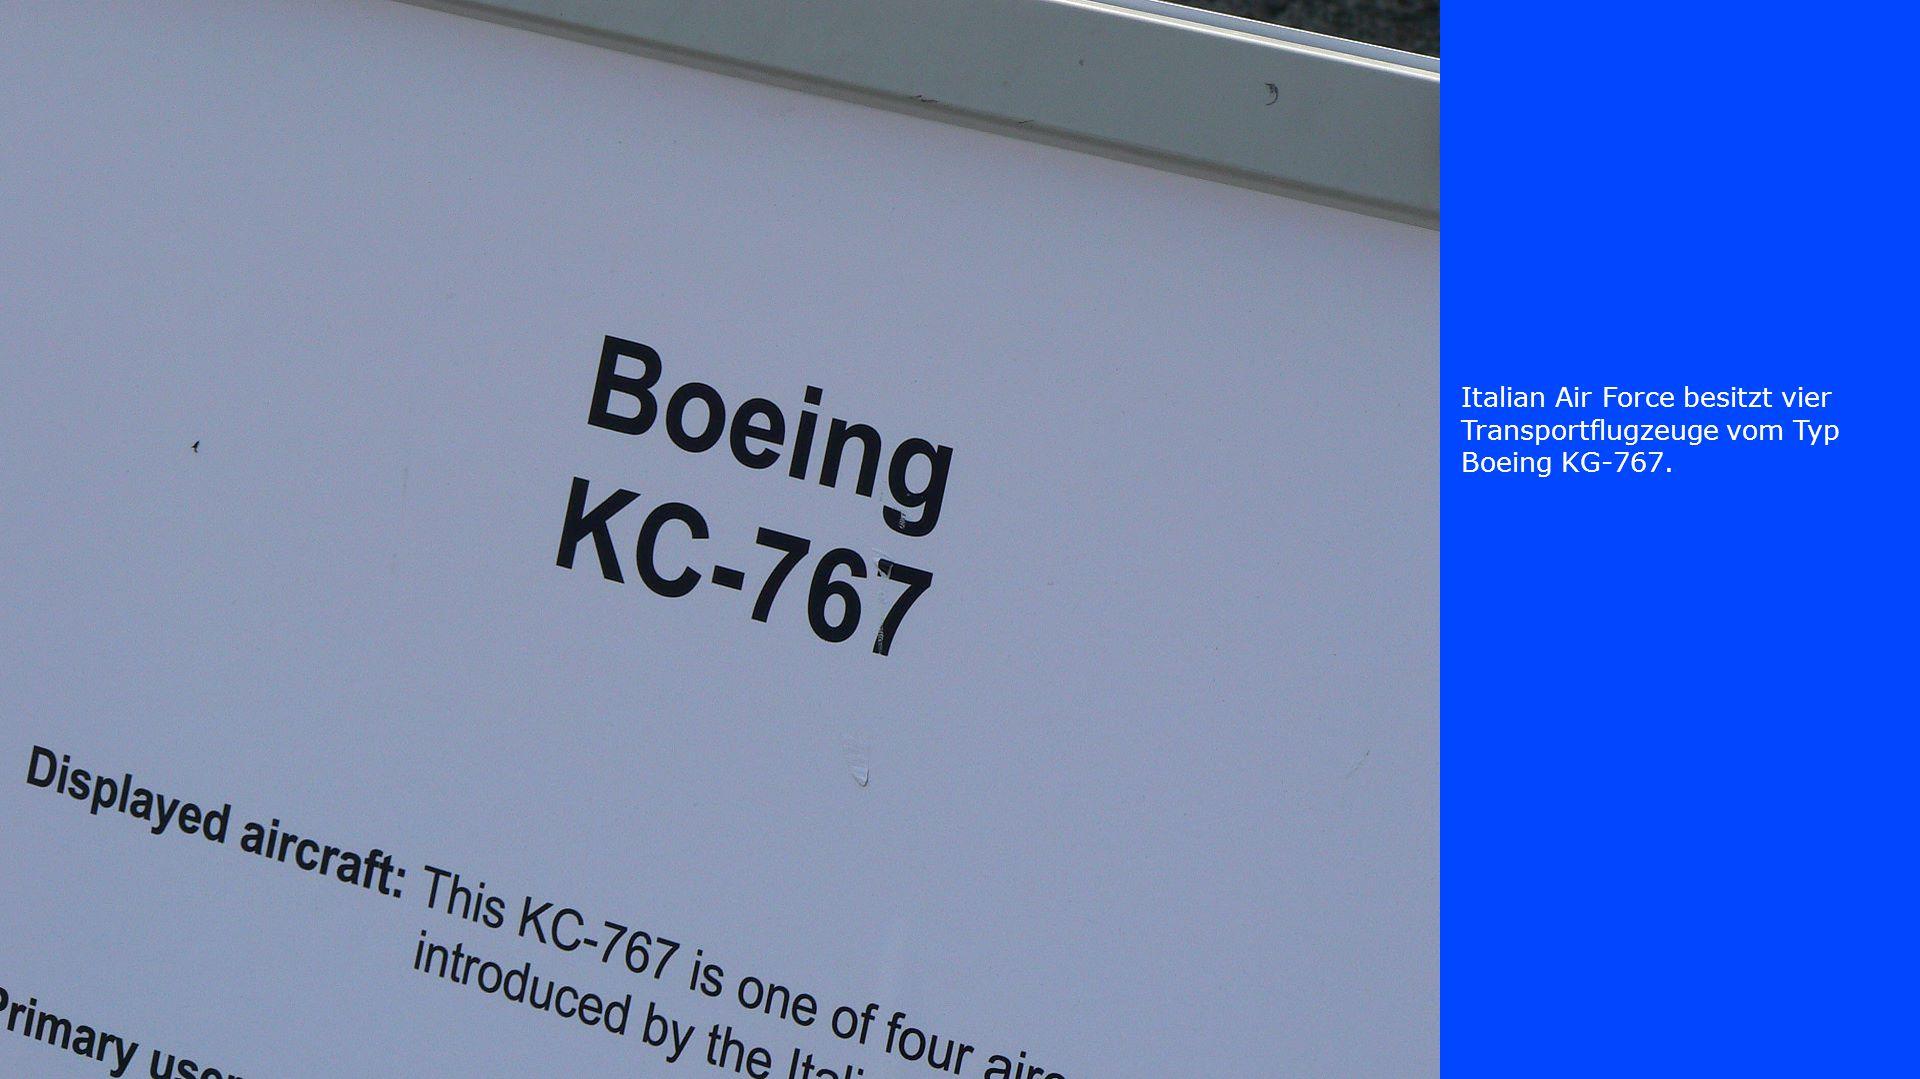 Italian Air Force besitzt vier Transportflugzeuge vom Typ Boeing KG-767.